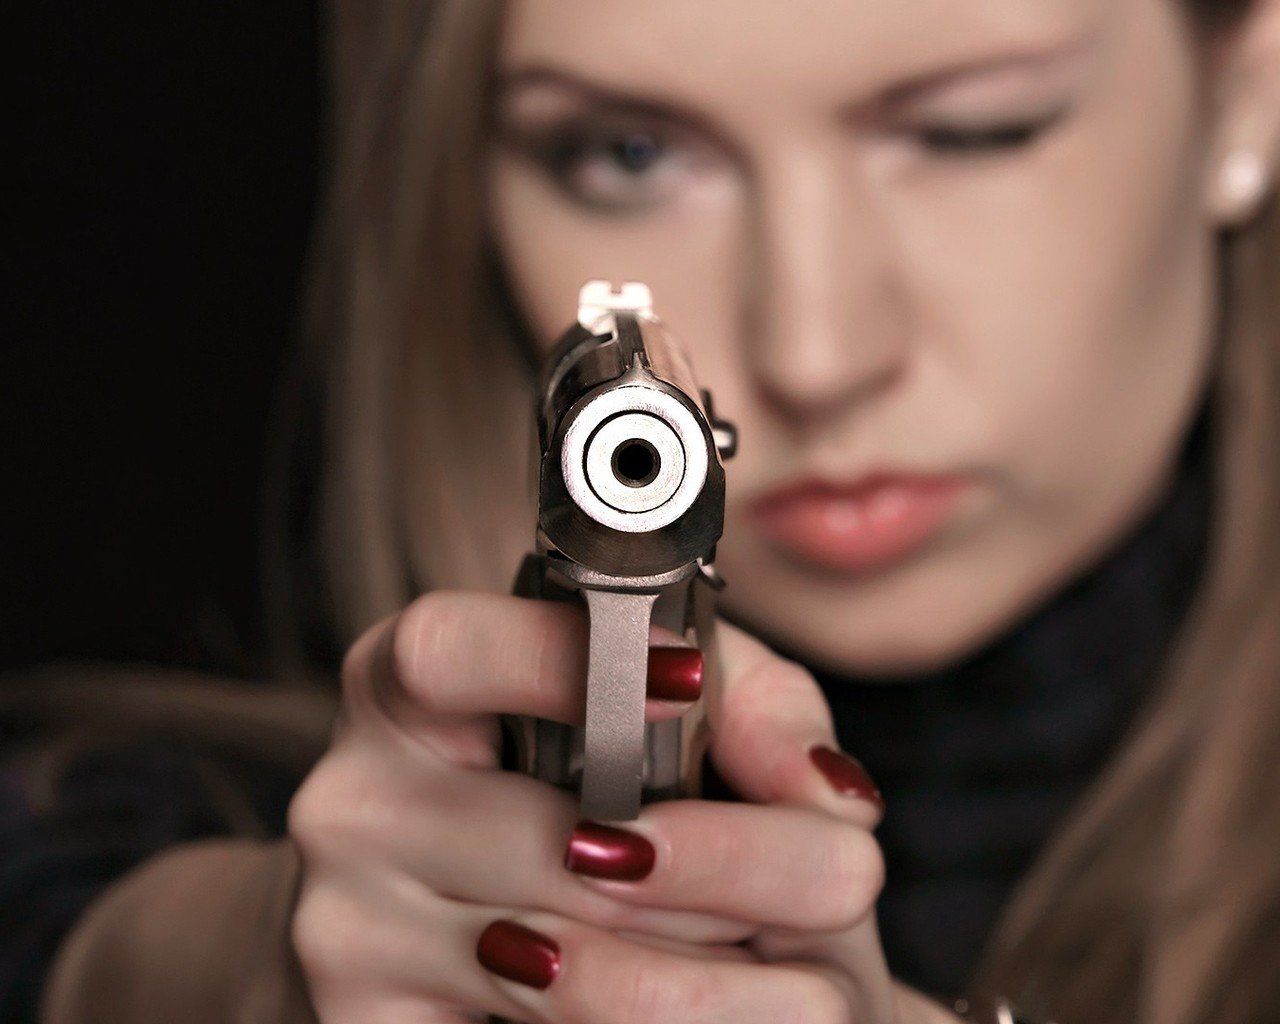 Только-только отгремели выстрели на индивидуальном турнире проекта Operation 7 «Дробь выпрямляет руки», а вы уже рве ... - Изображение 1